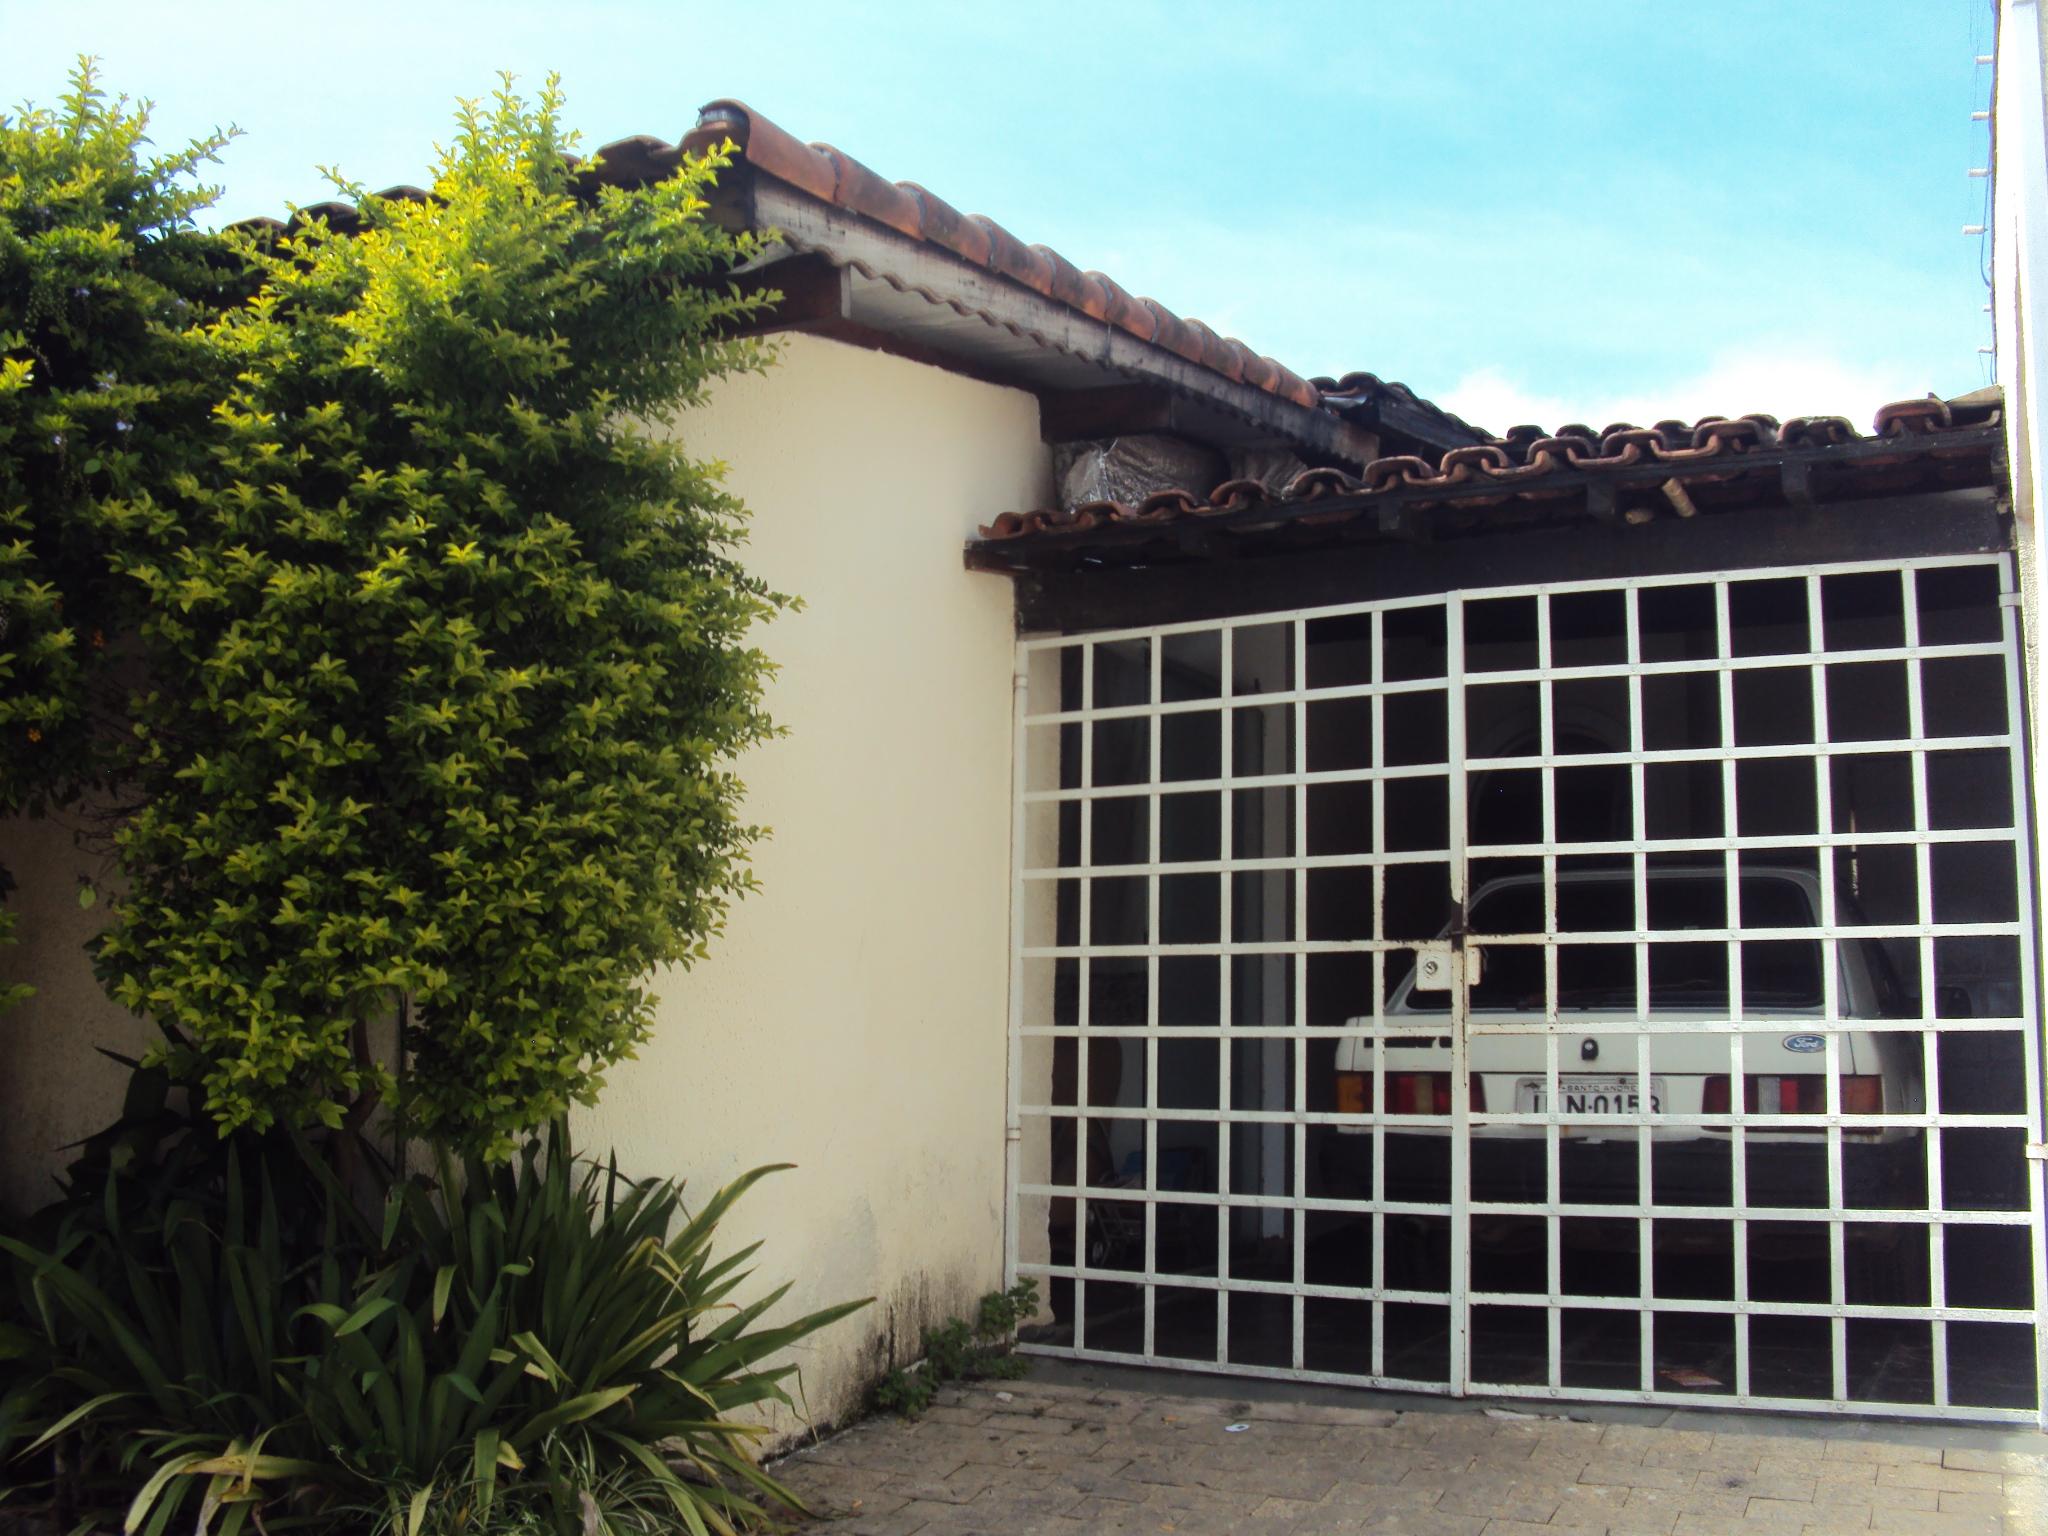 Vila Lavina. Referência:3018